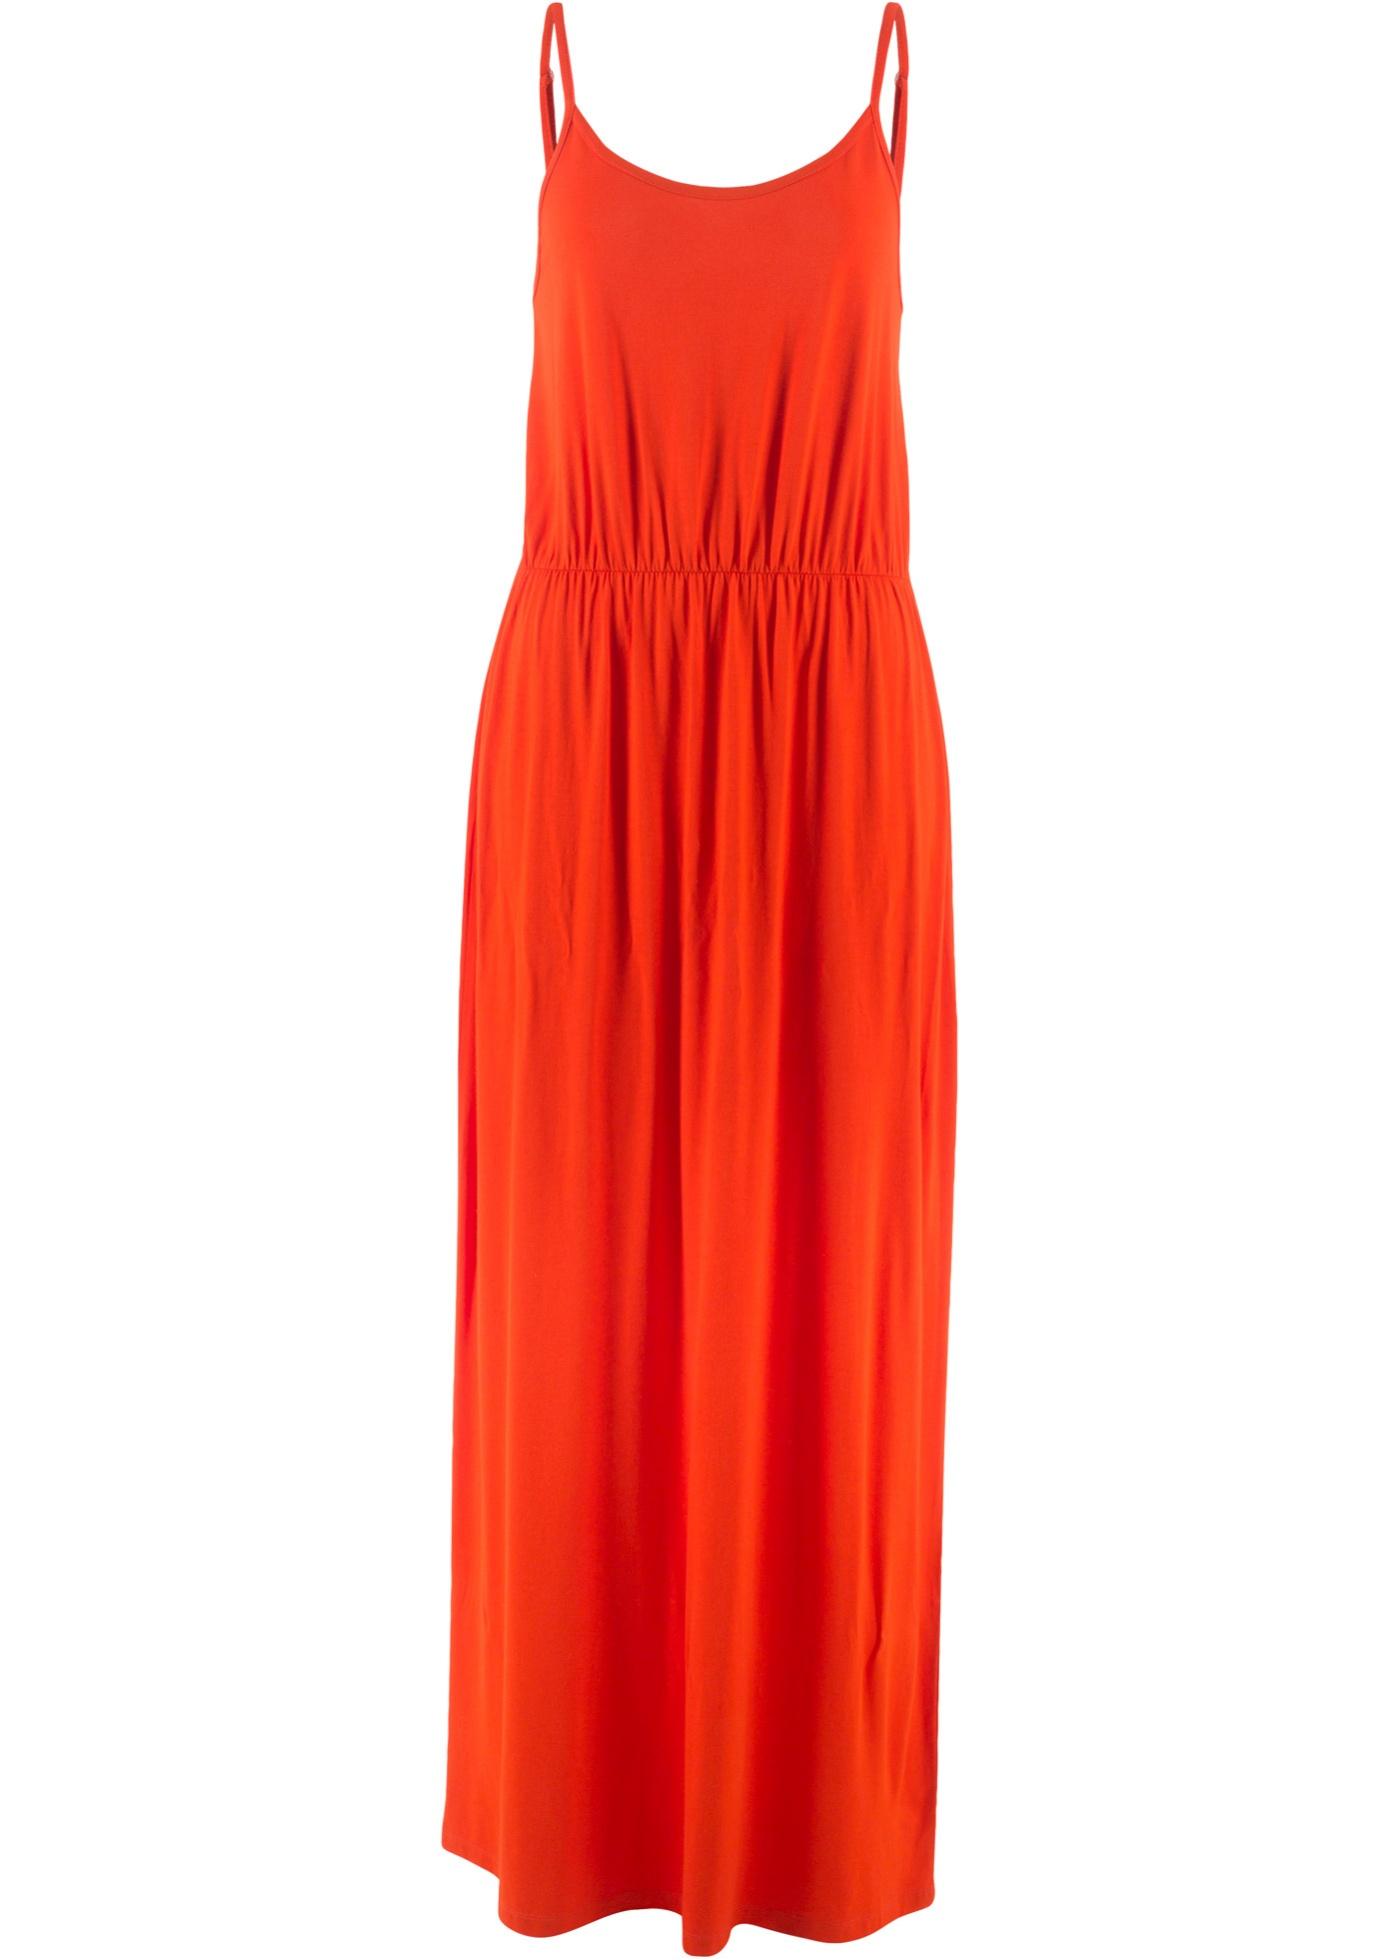 Úpletové šaty bez rukávů - Oranžová